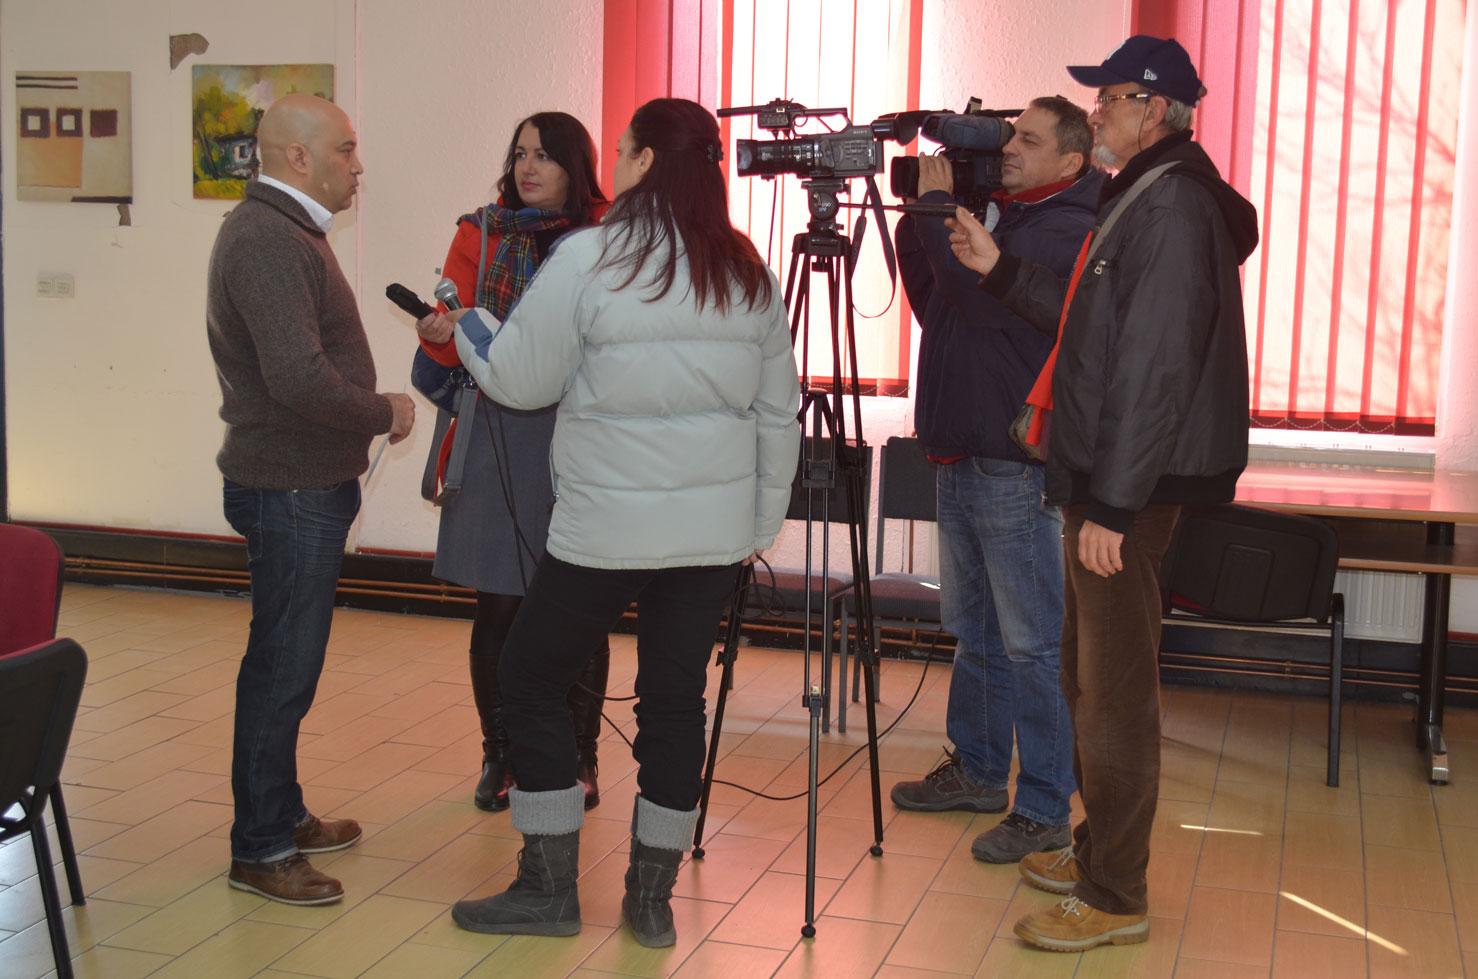 Roma centar socijalni monitoring u praksi slika 3